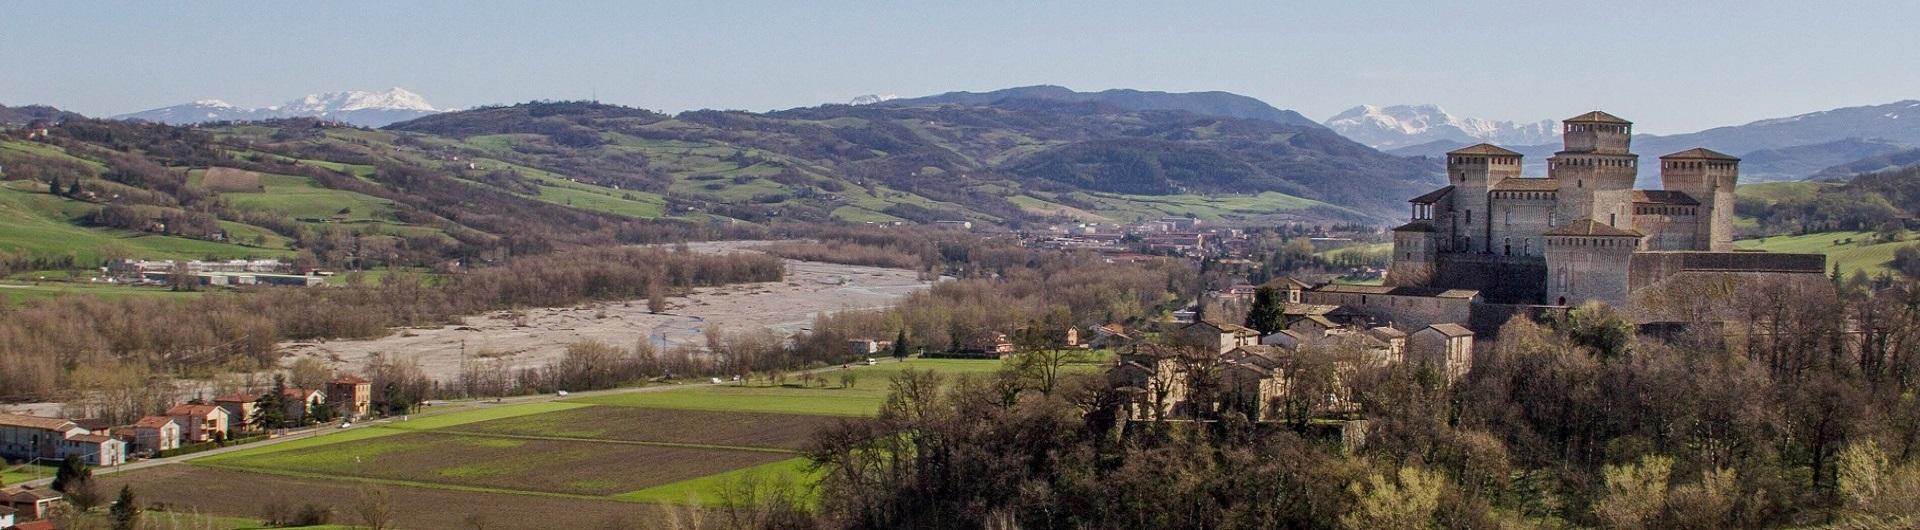 Bianca pellegrina - castello Torrechiara e fiume Parma.jpg